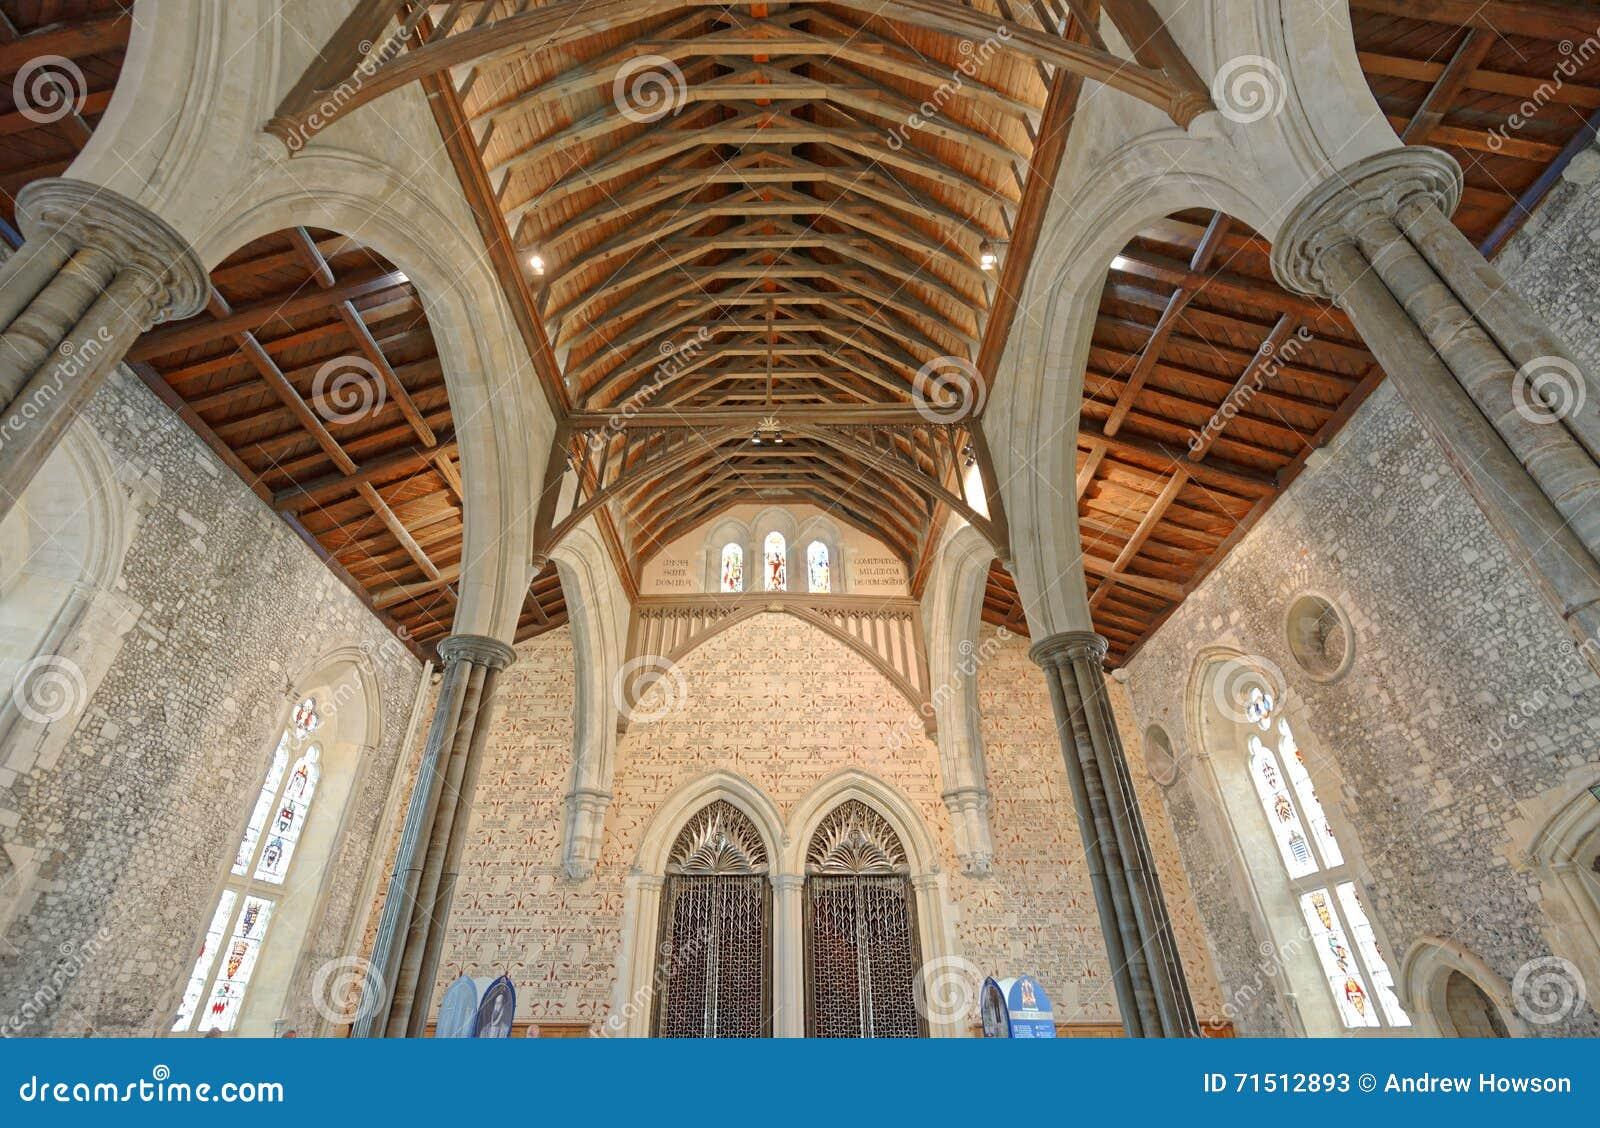 Η μεγάλη αίθουσα του Winchester Castle στο Χάμπσαϊρ, Αγγλία